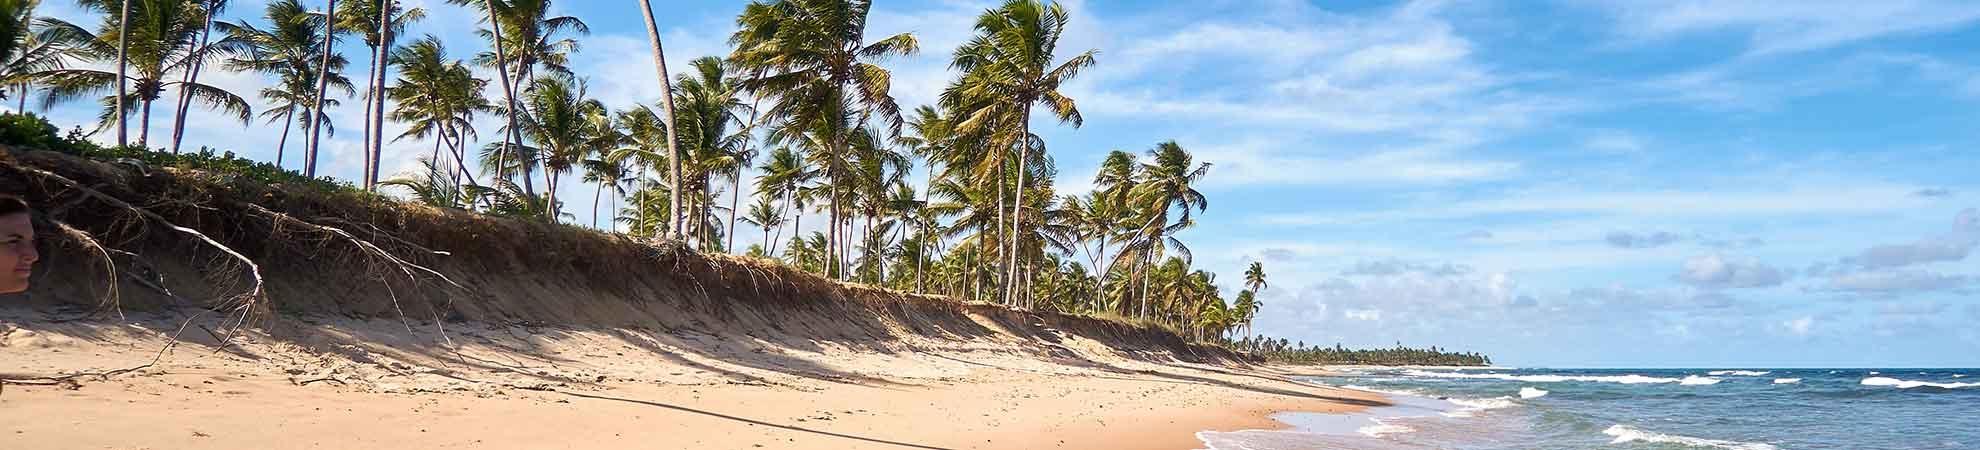 Voyage Praia do Forte